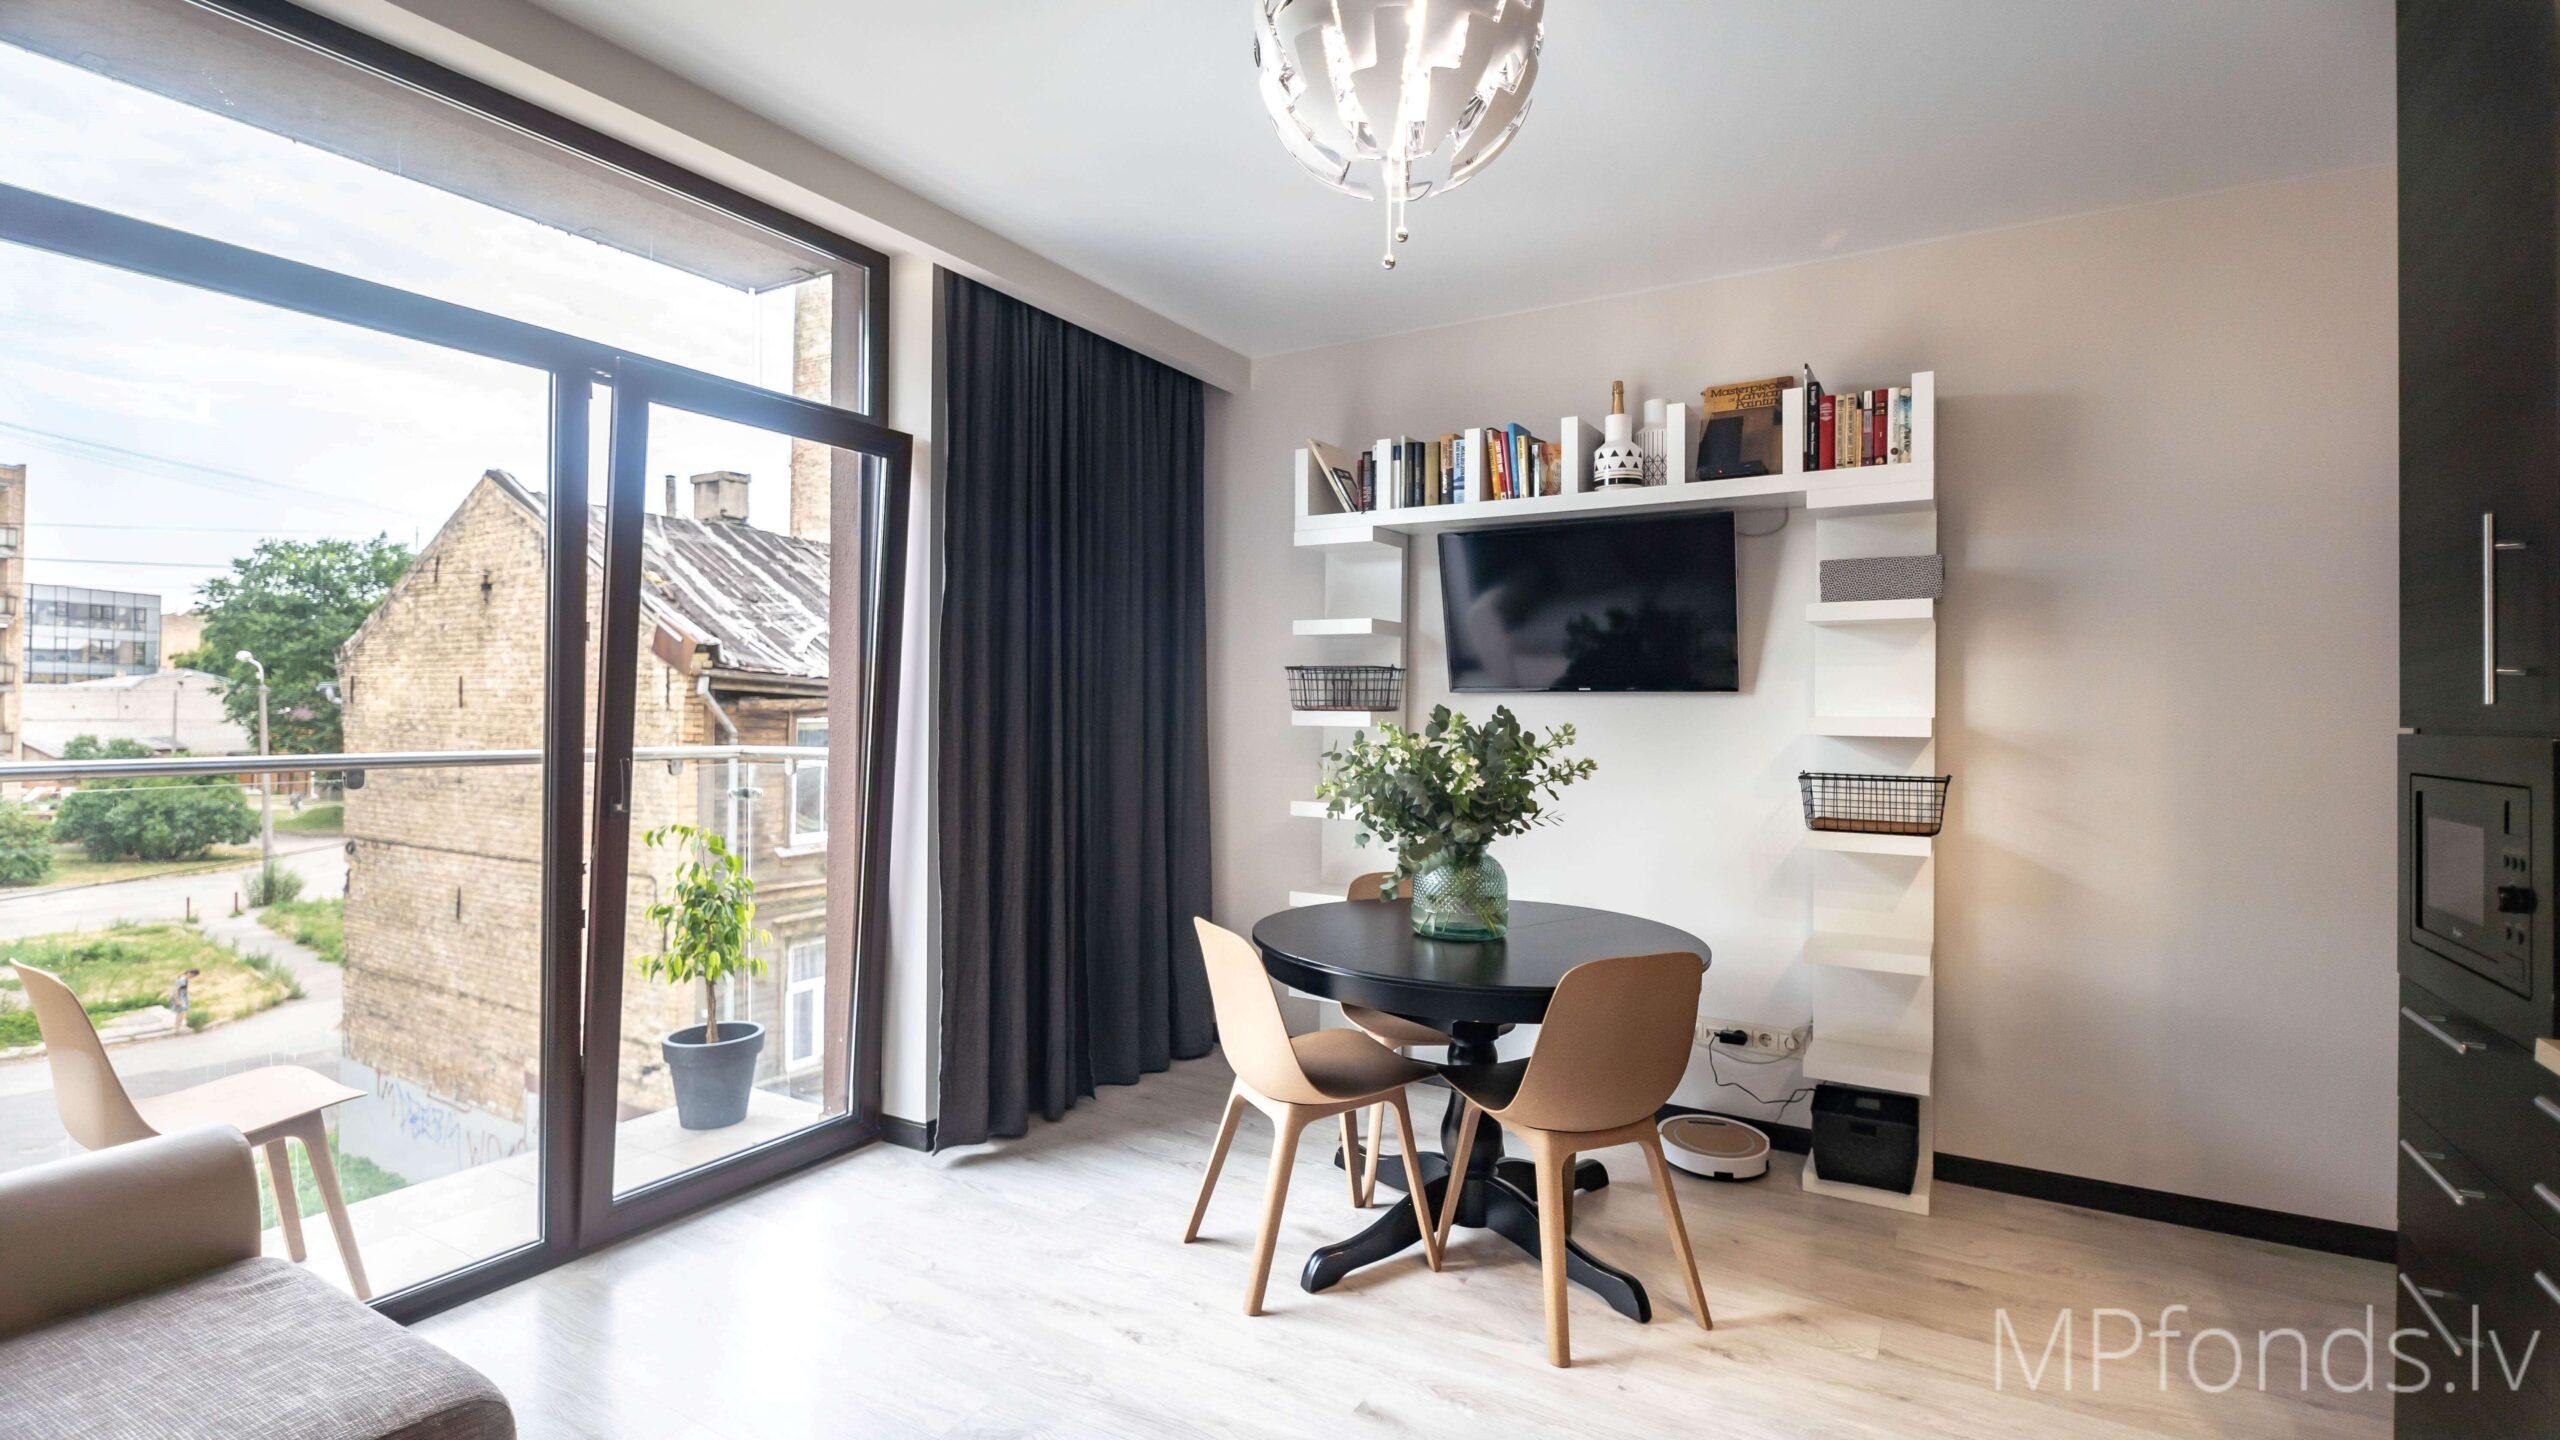 Pārdod, Mūsdienīgu 3-istabu dzīvokli jaunajā projektā